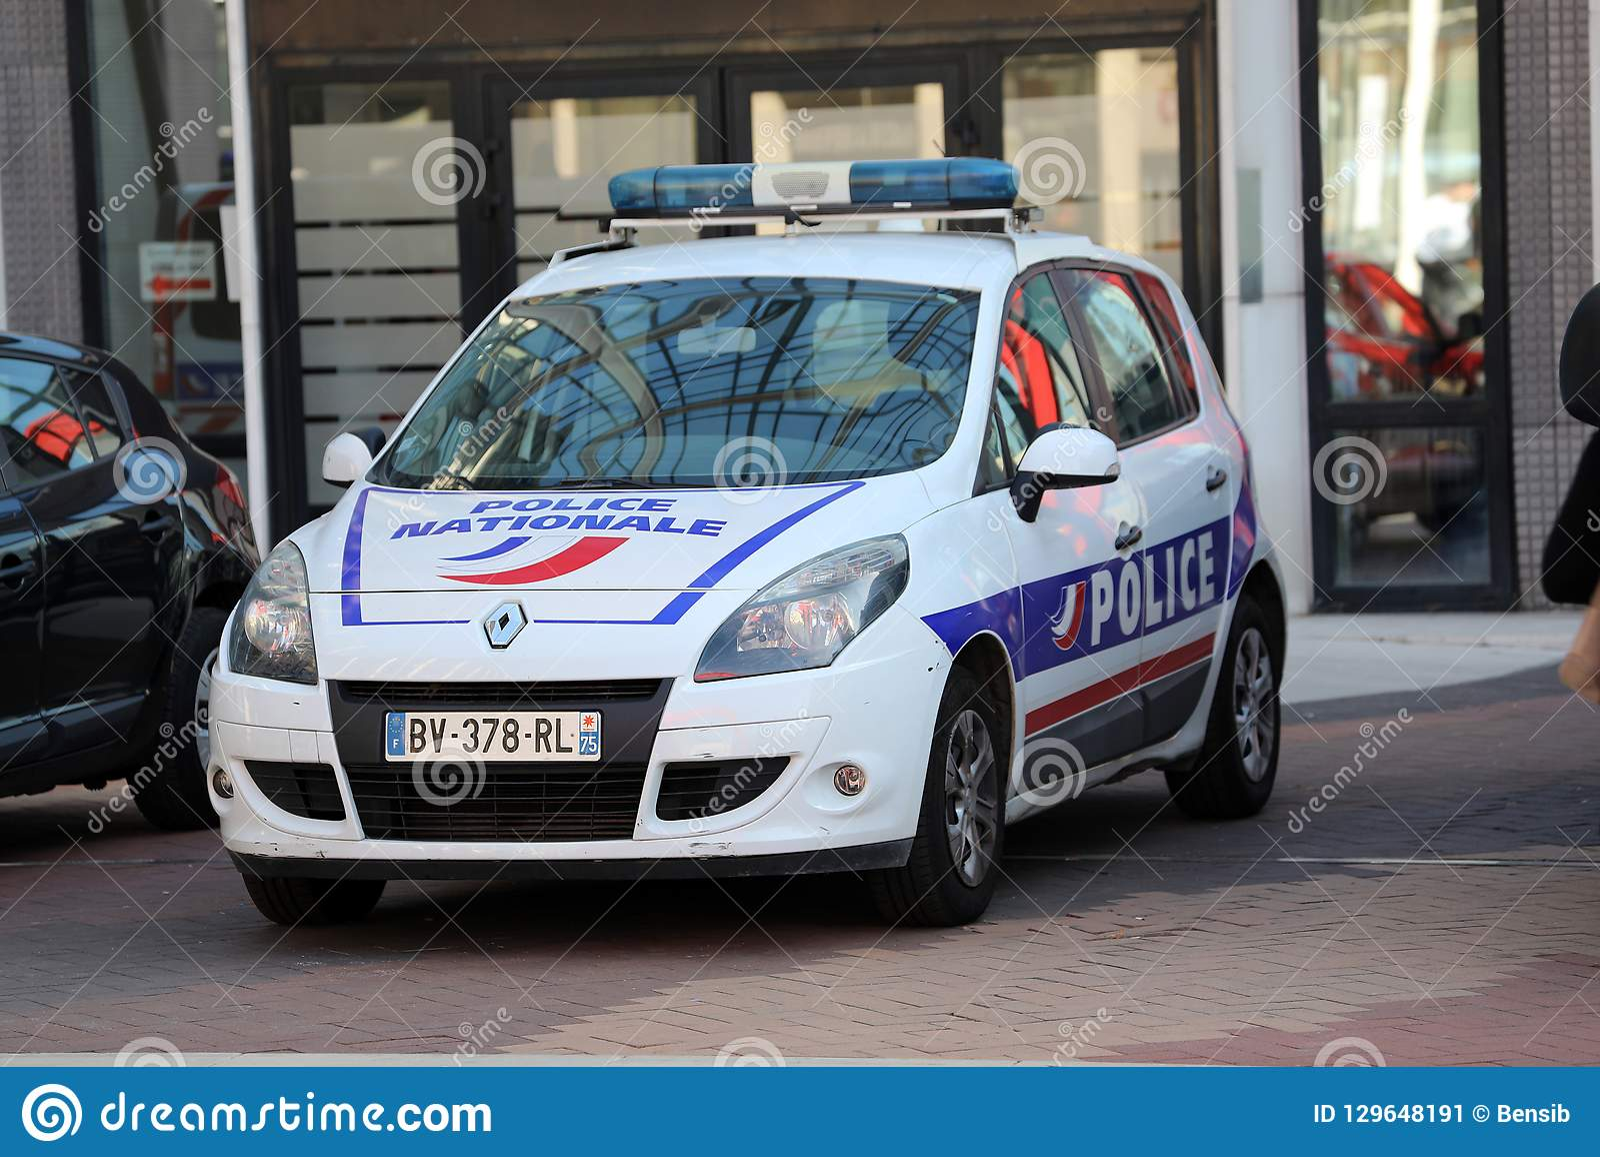 Französischer Polizeiwagen Parkplatz in Front Of The Police Station